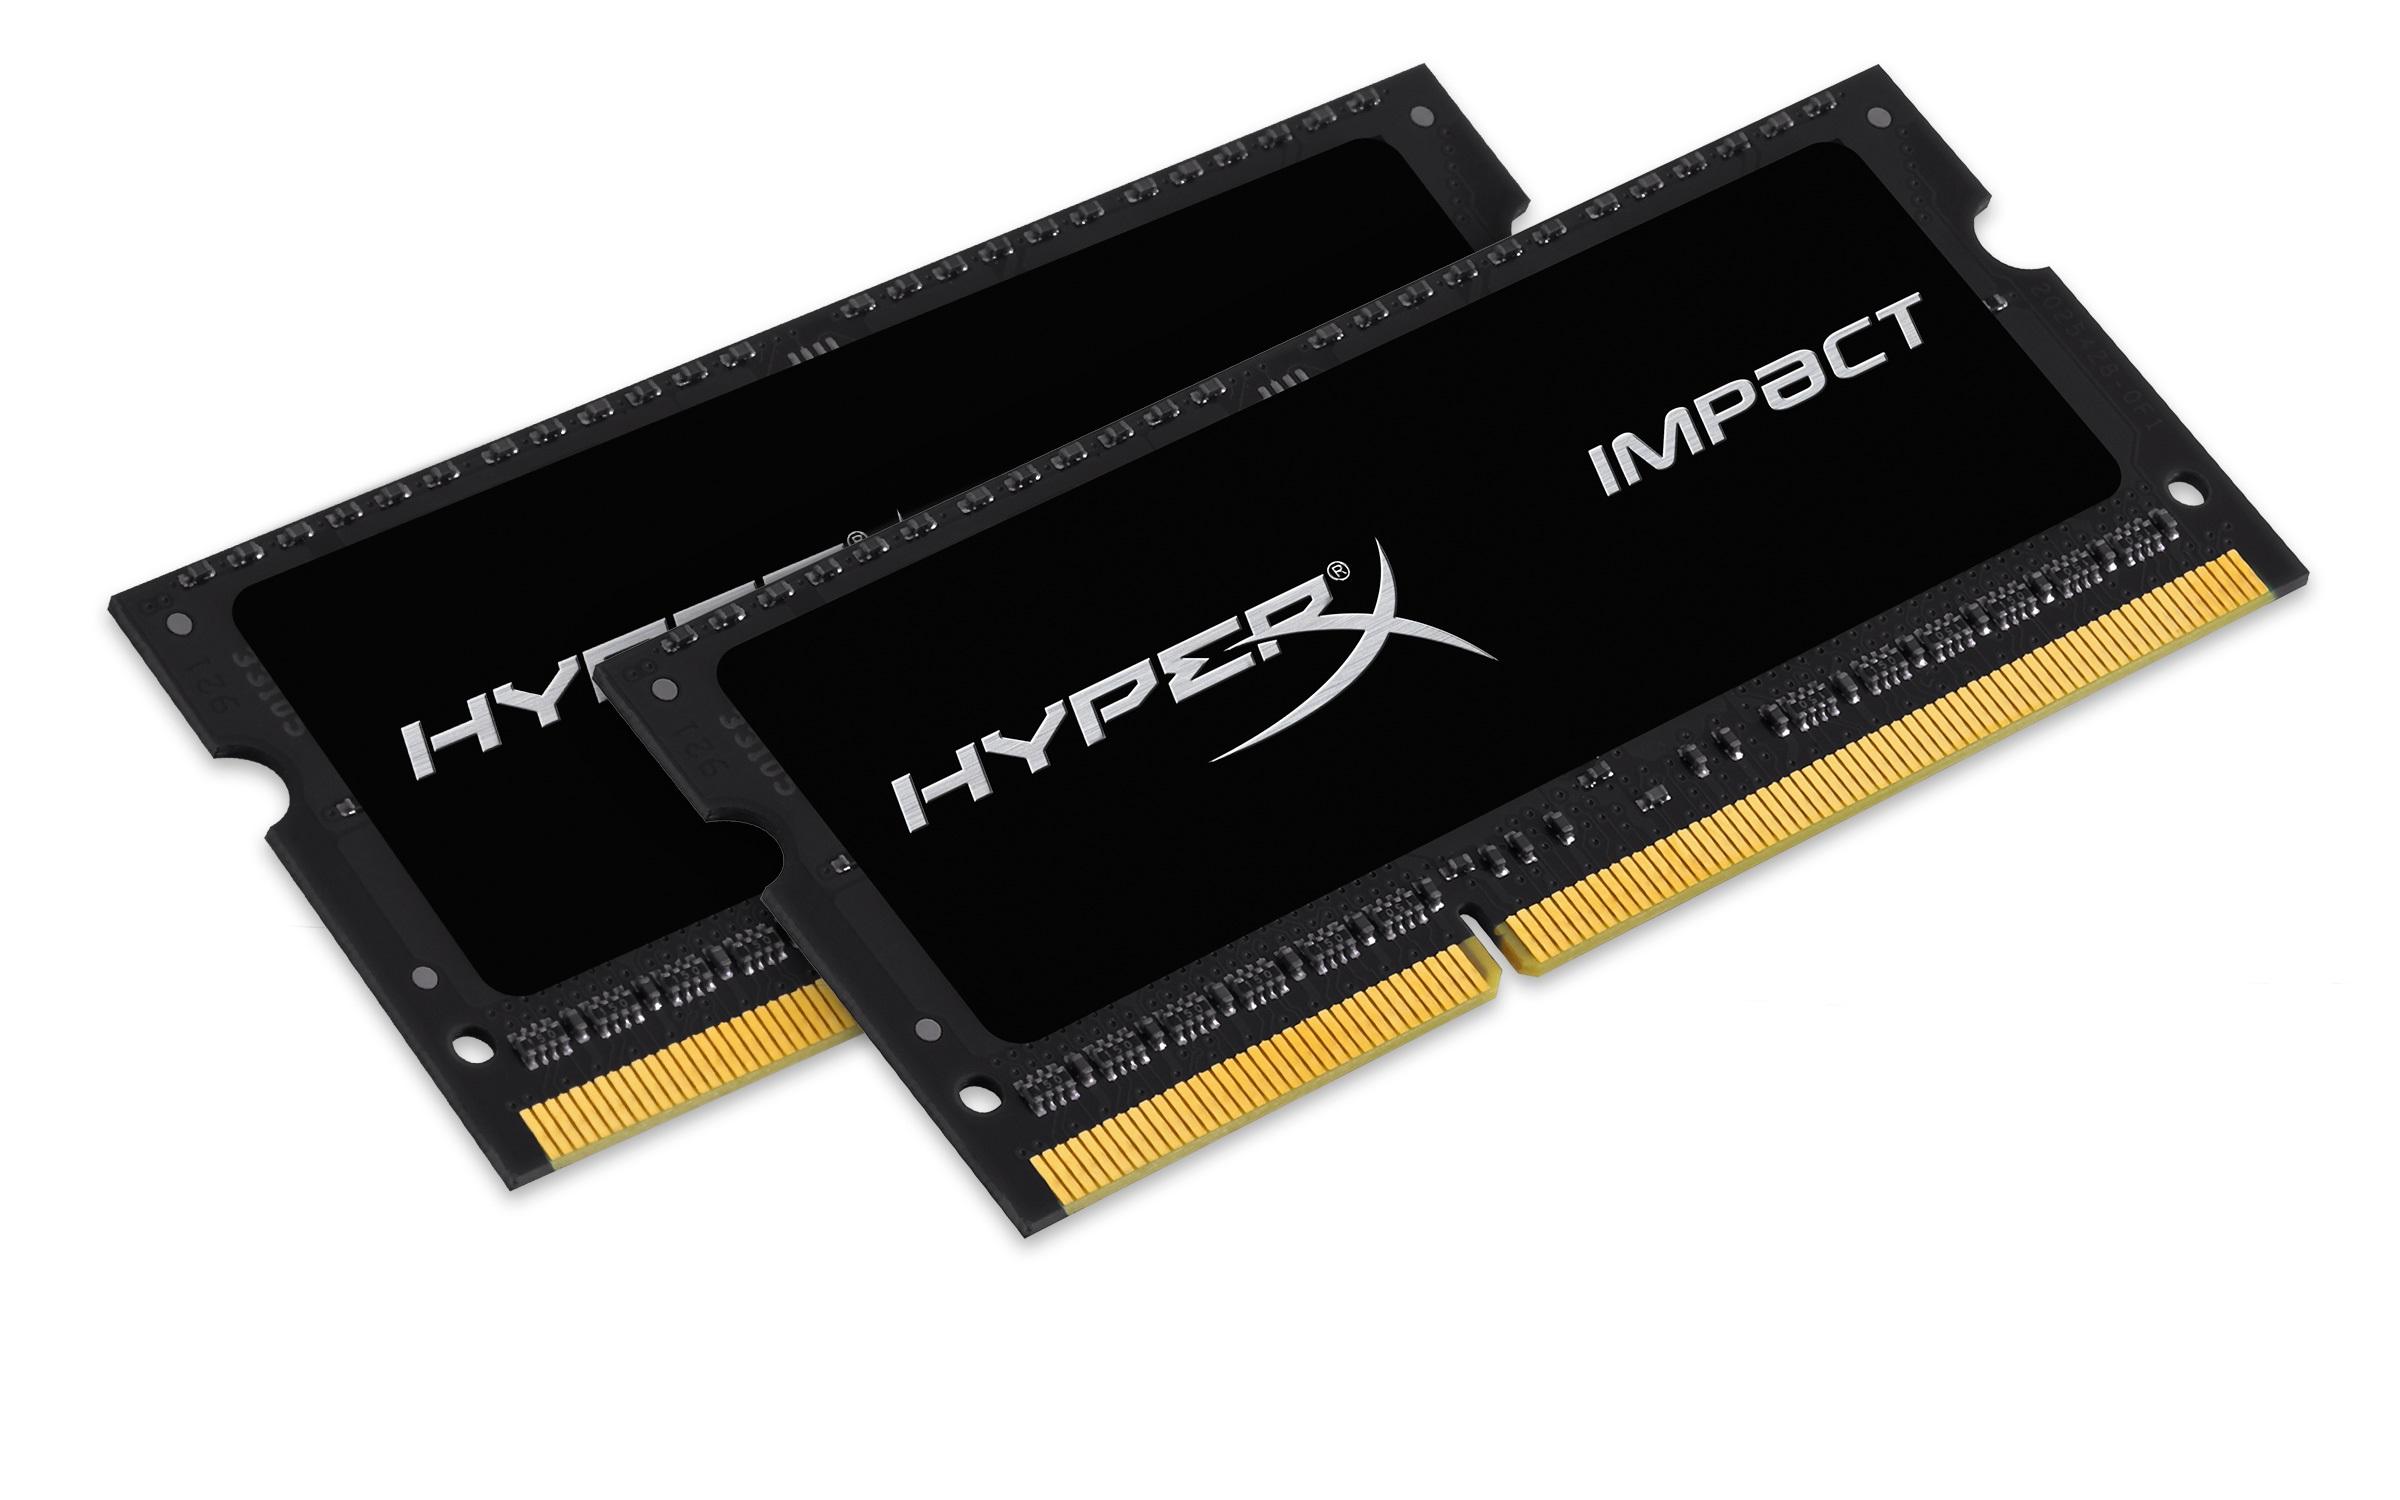 SO-DIMM 16GB DDR3L-1600 HyperXImpact,1.35V,2x8GB - HX316LS9IBK2/16